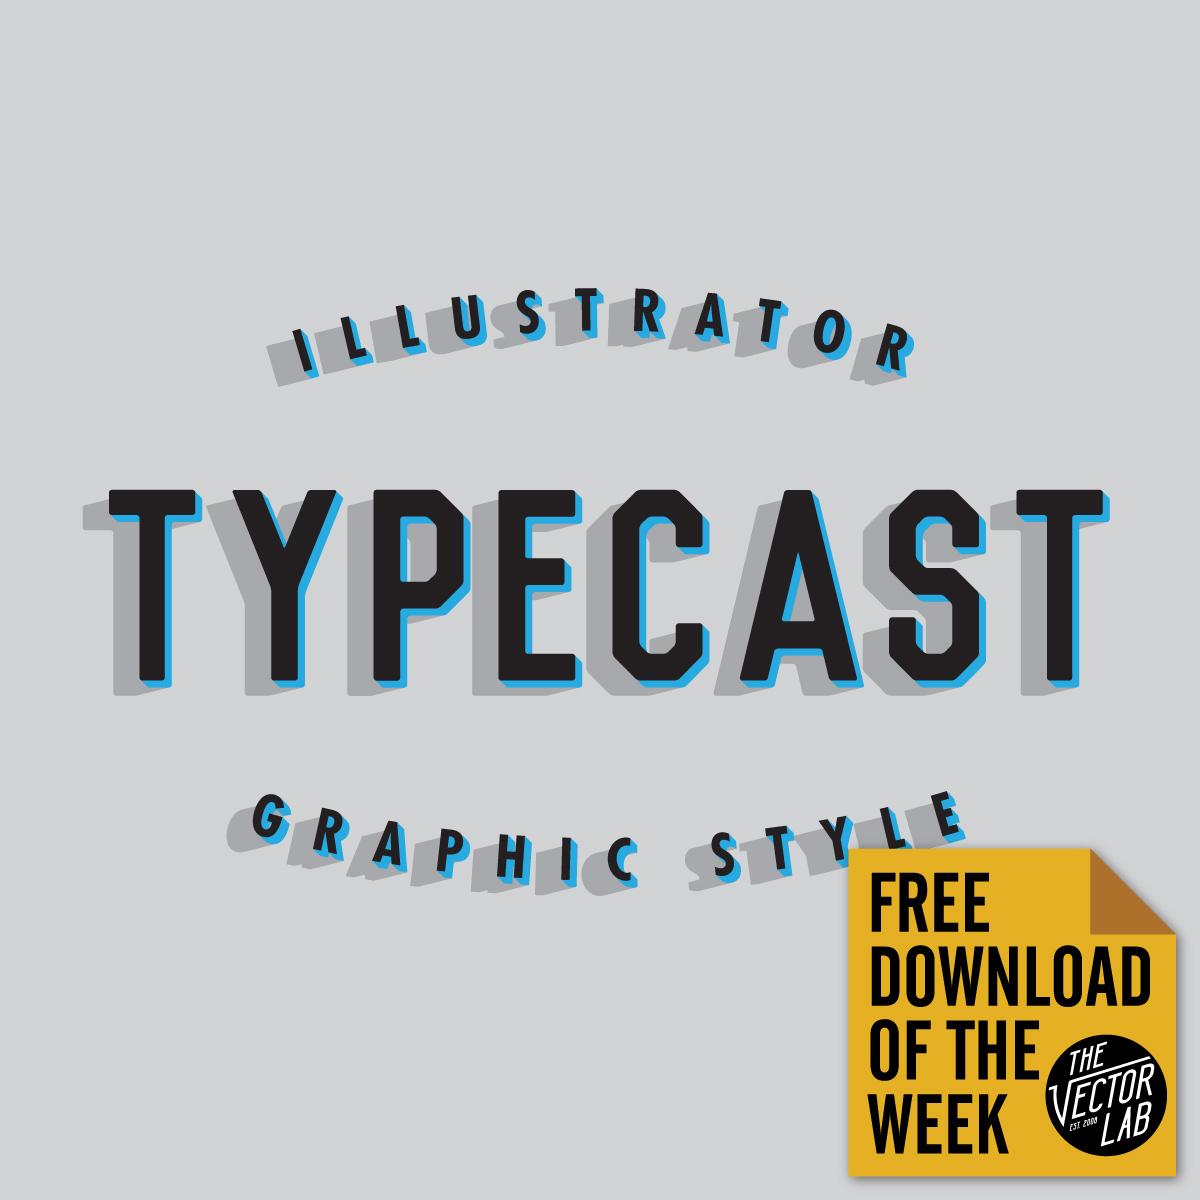 Typecast-Graphic-Style-Illustrator